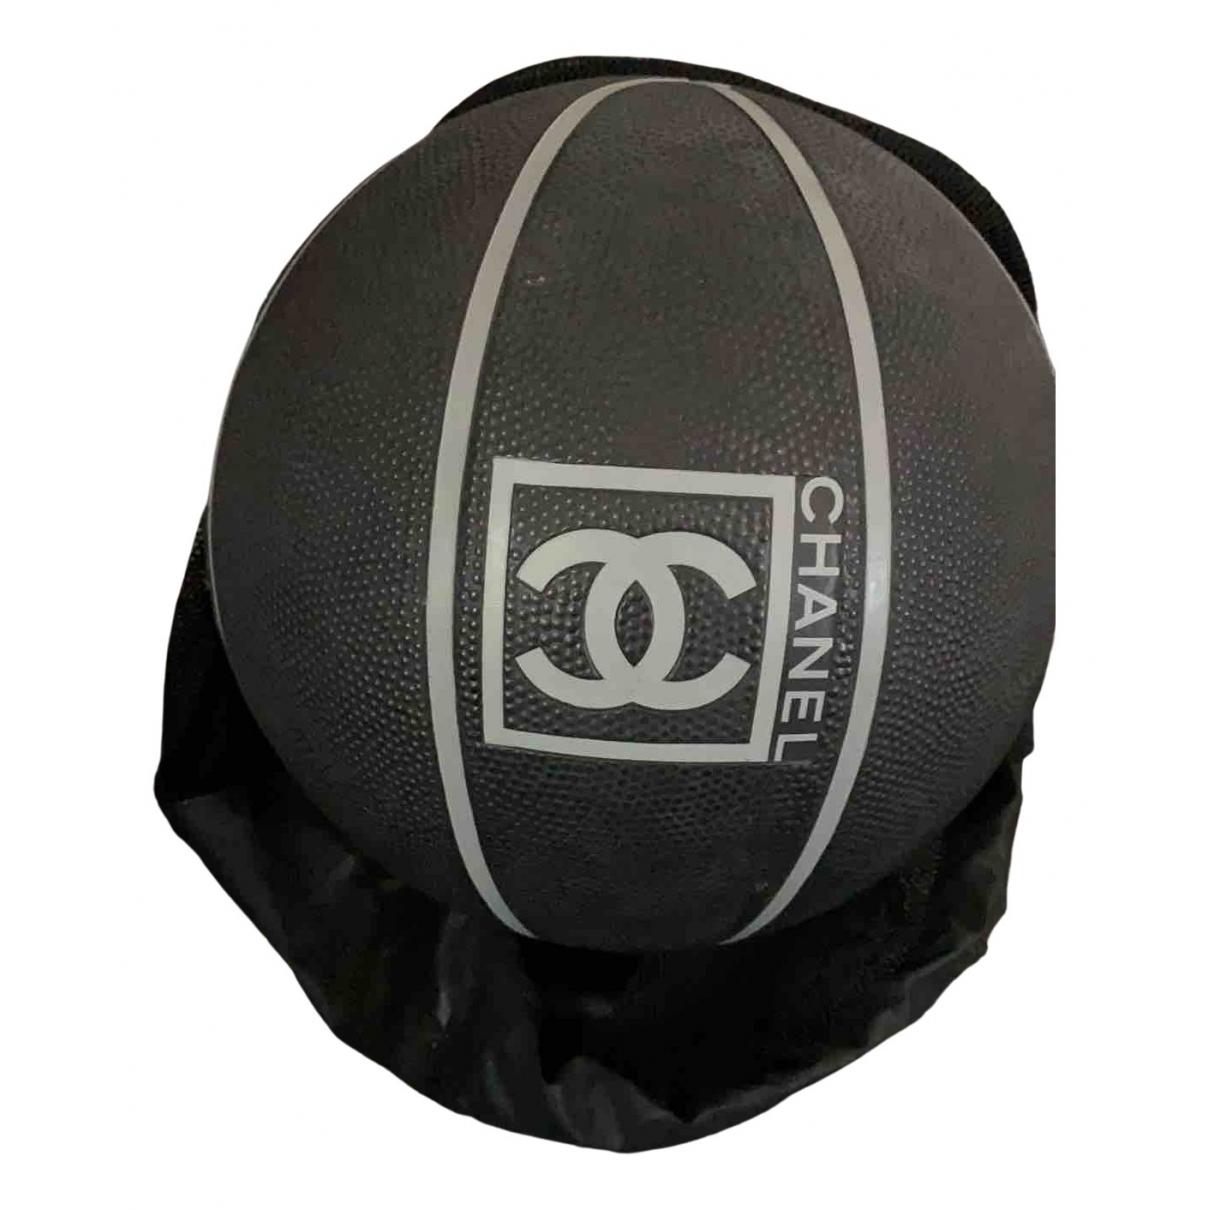 Chanel - Ballons   pour lifestyle en cuir